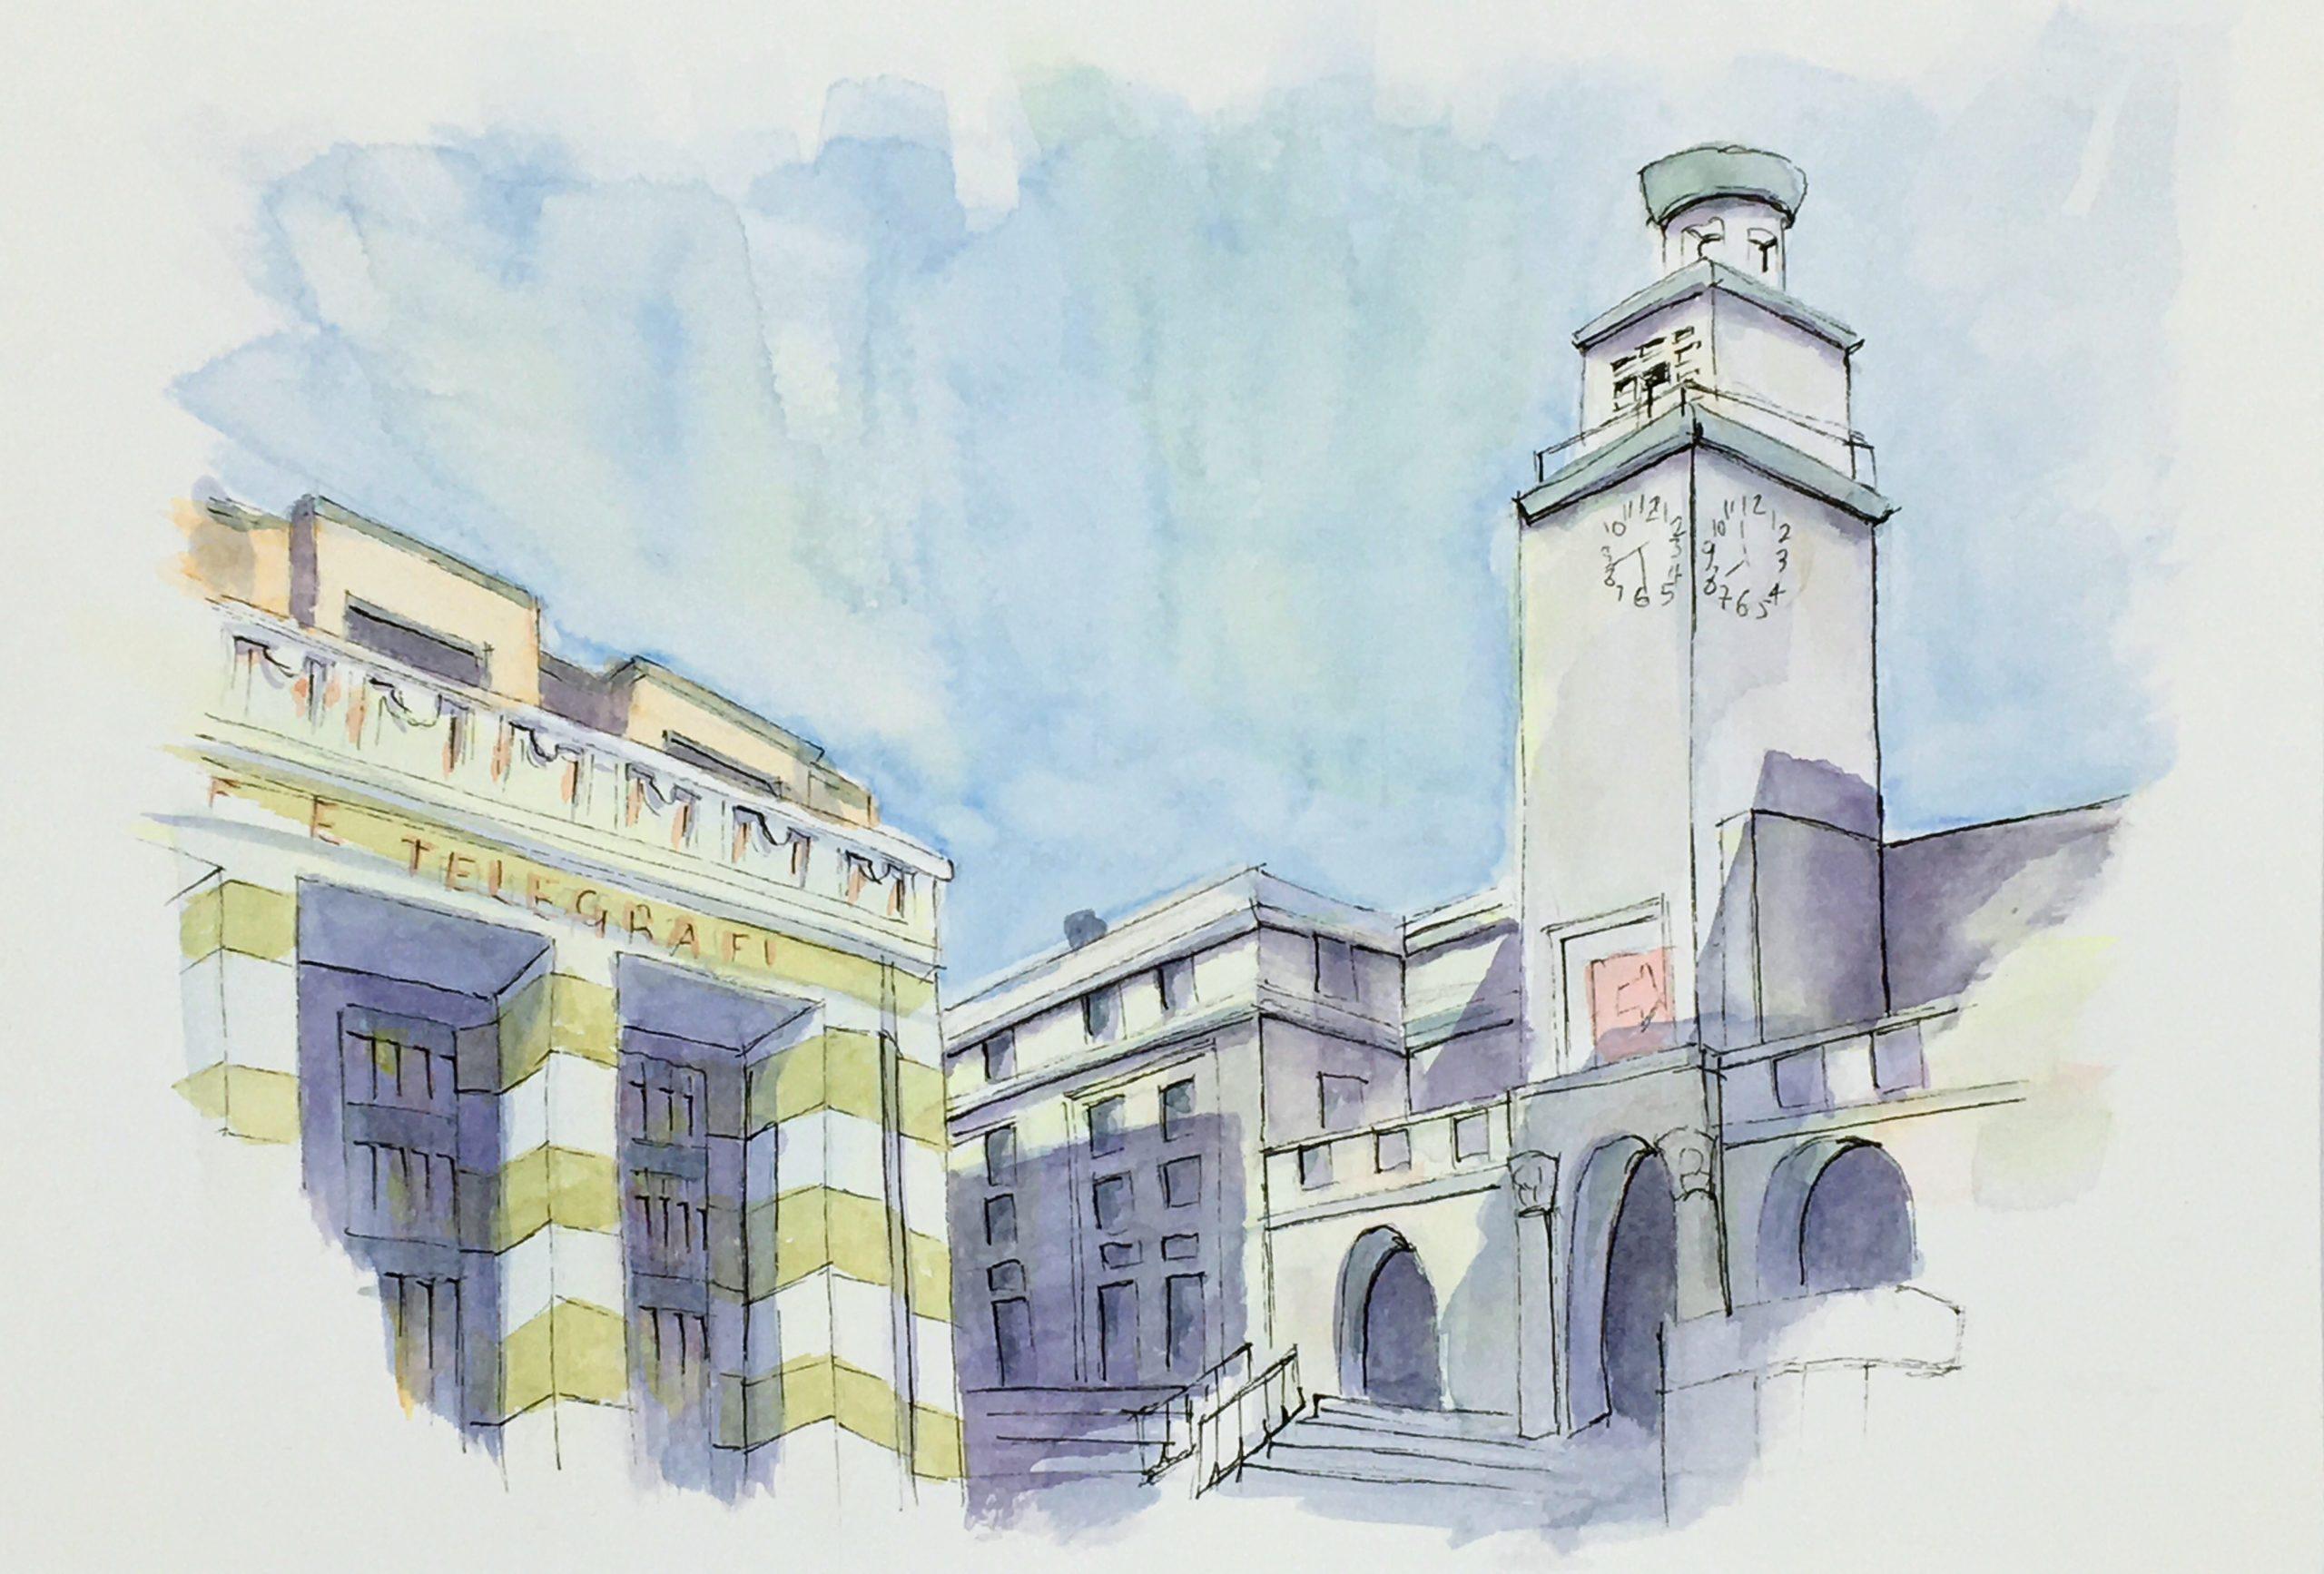 Painting of Piazza della Vittoria in Brescia